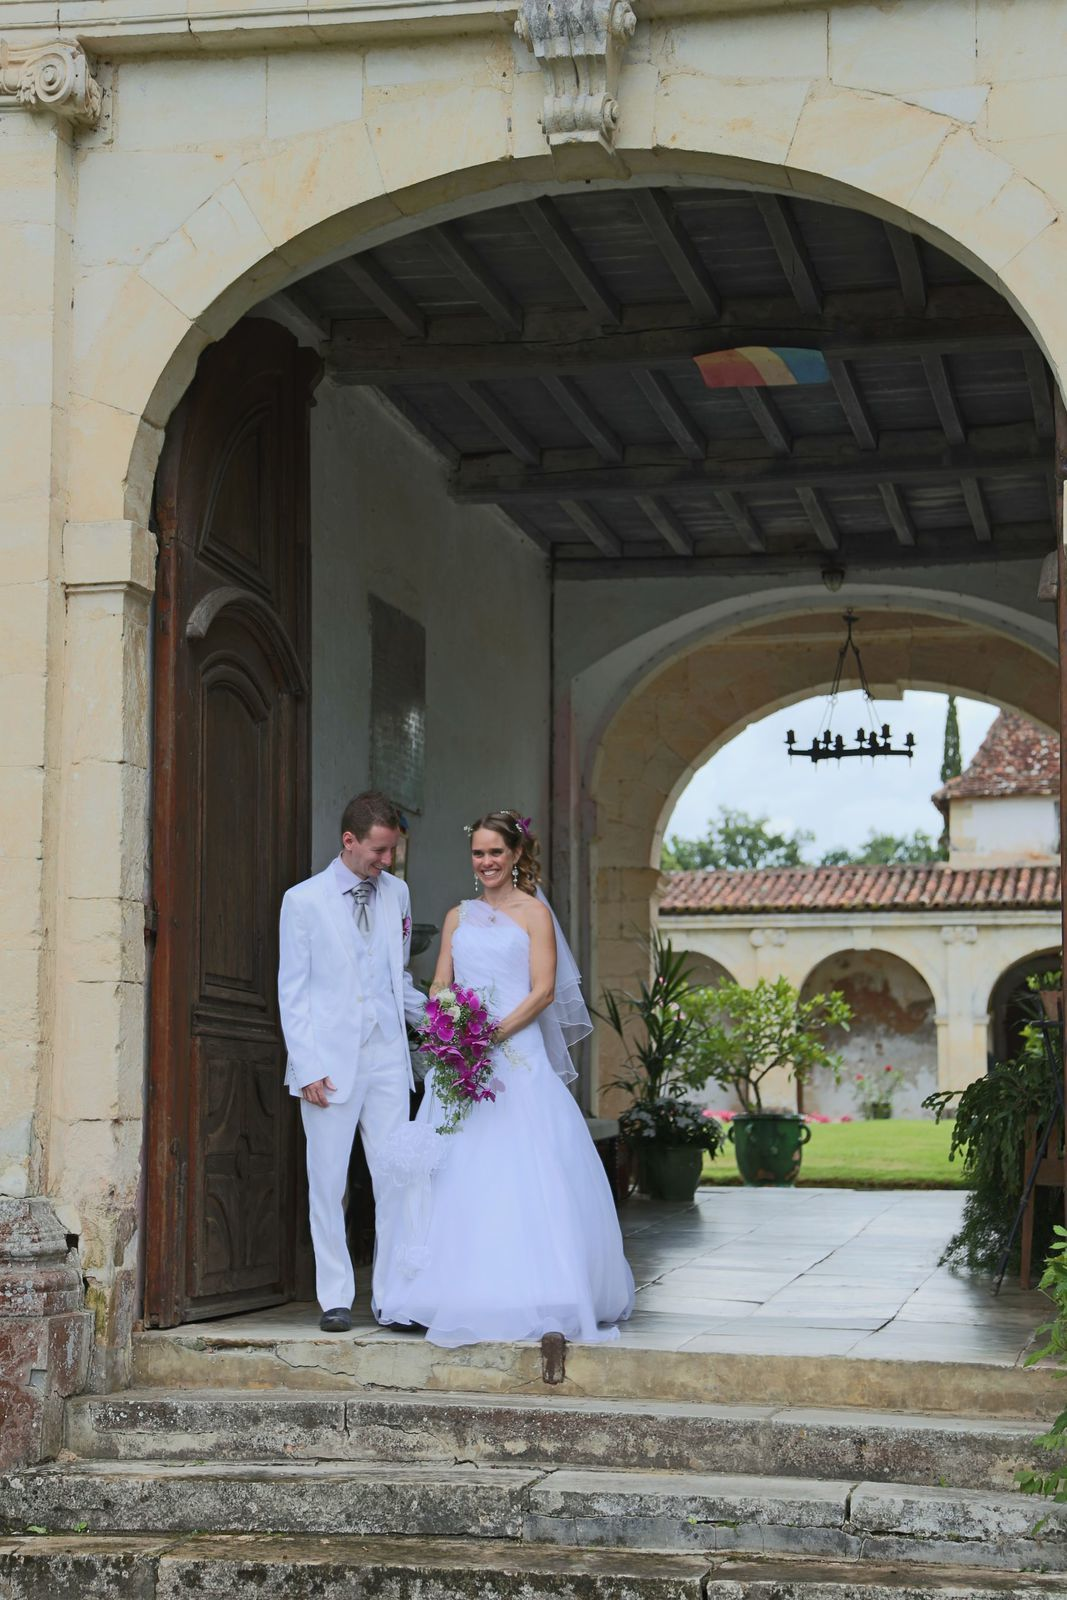 mariage au château de Gaujacq vu par Kevin Burrows